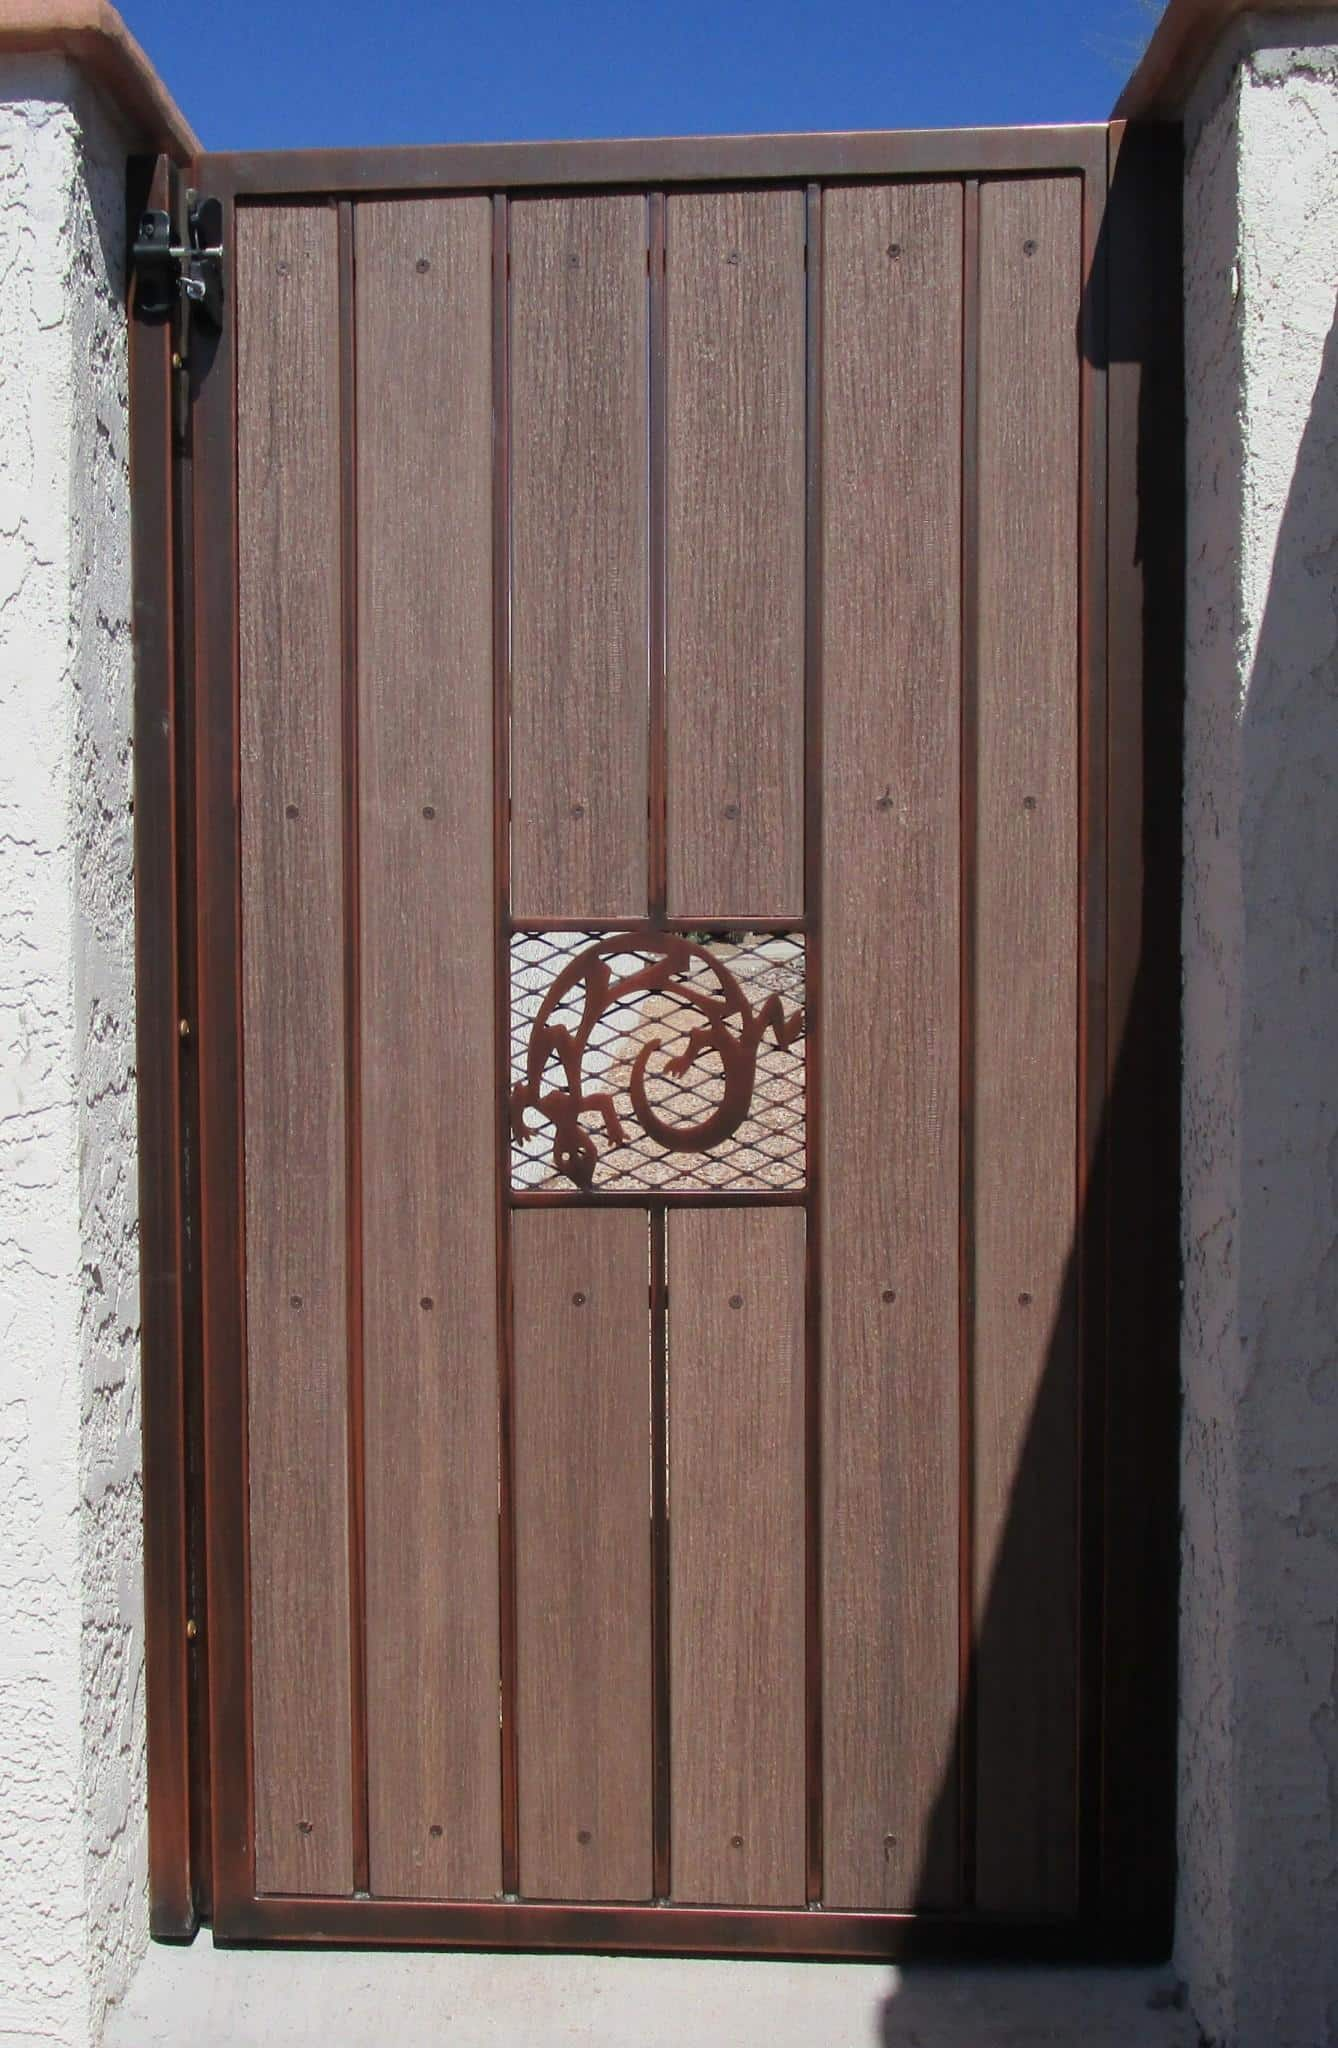 Iron wood gates · affordable fence